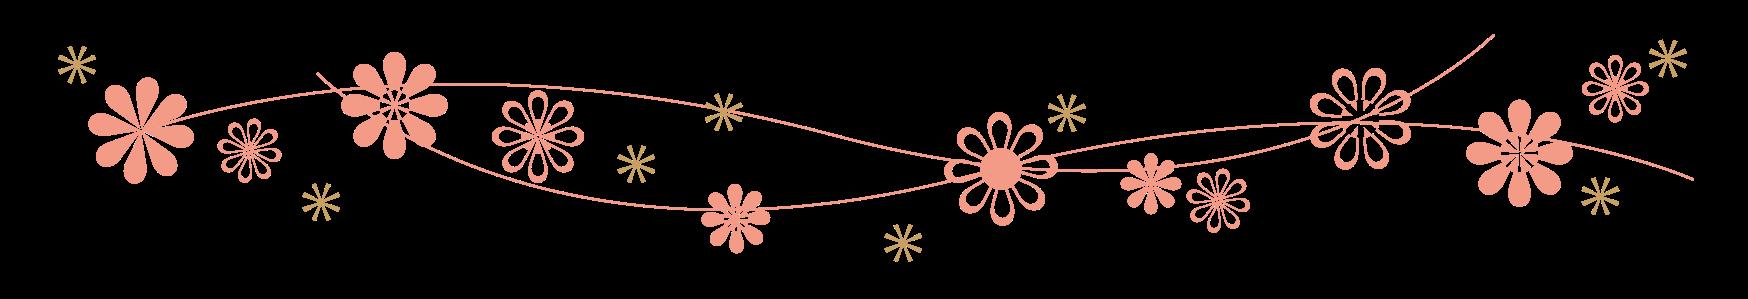 桜フレーム2